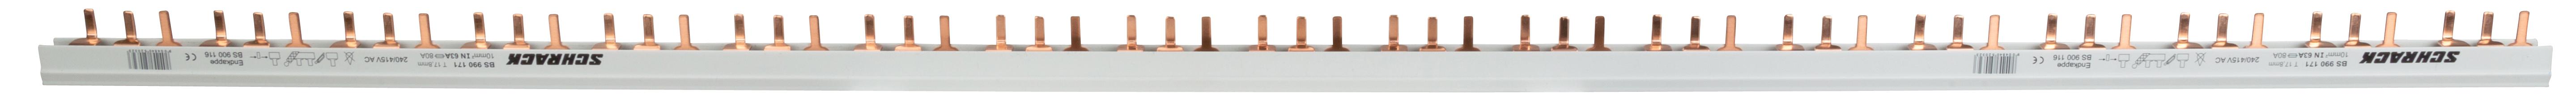 1 Stk Small Connect,Verschienungsset 3+N, 10mm² für LS 1+N/1TE BS990171--